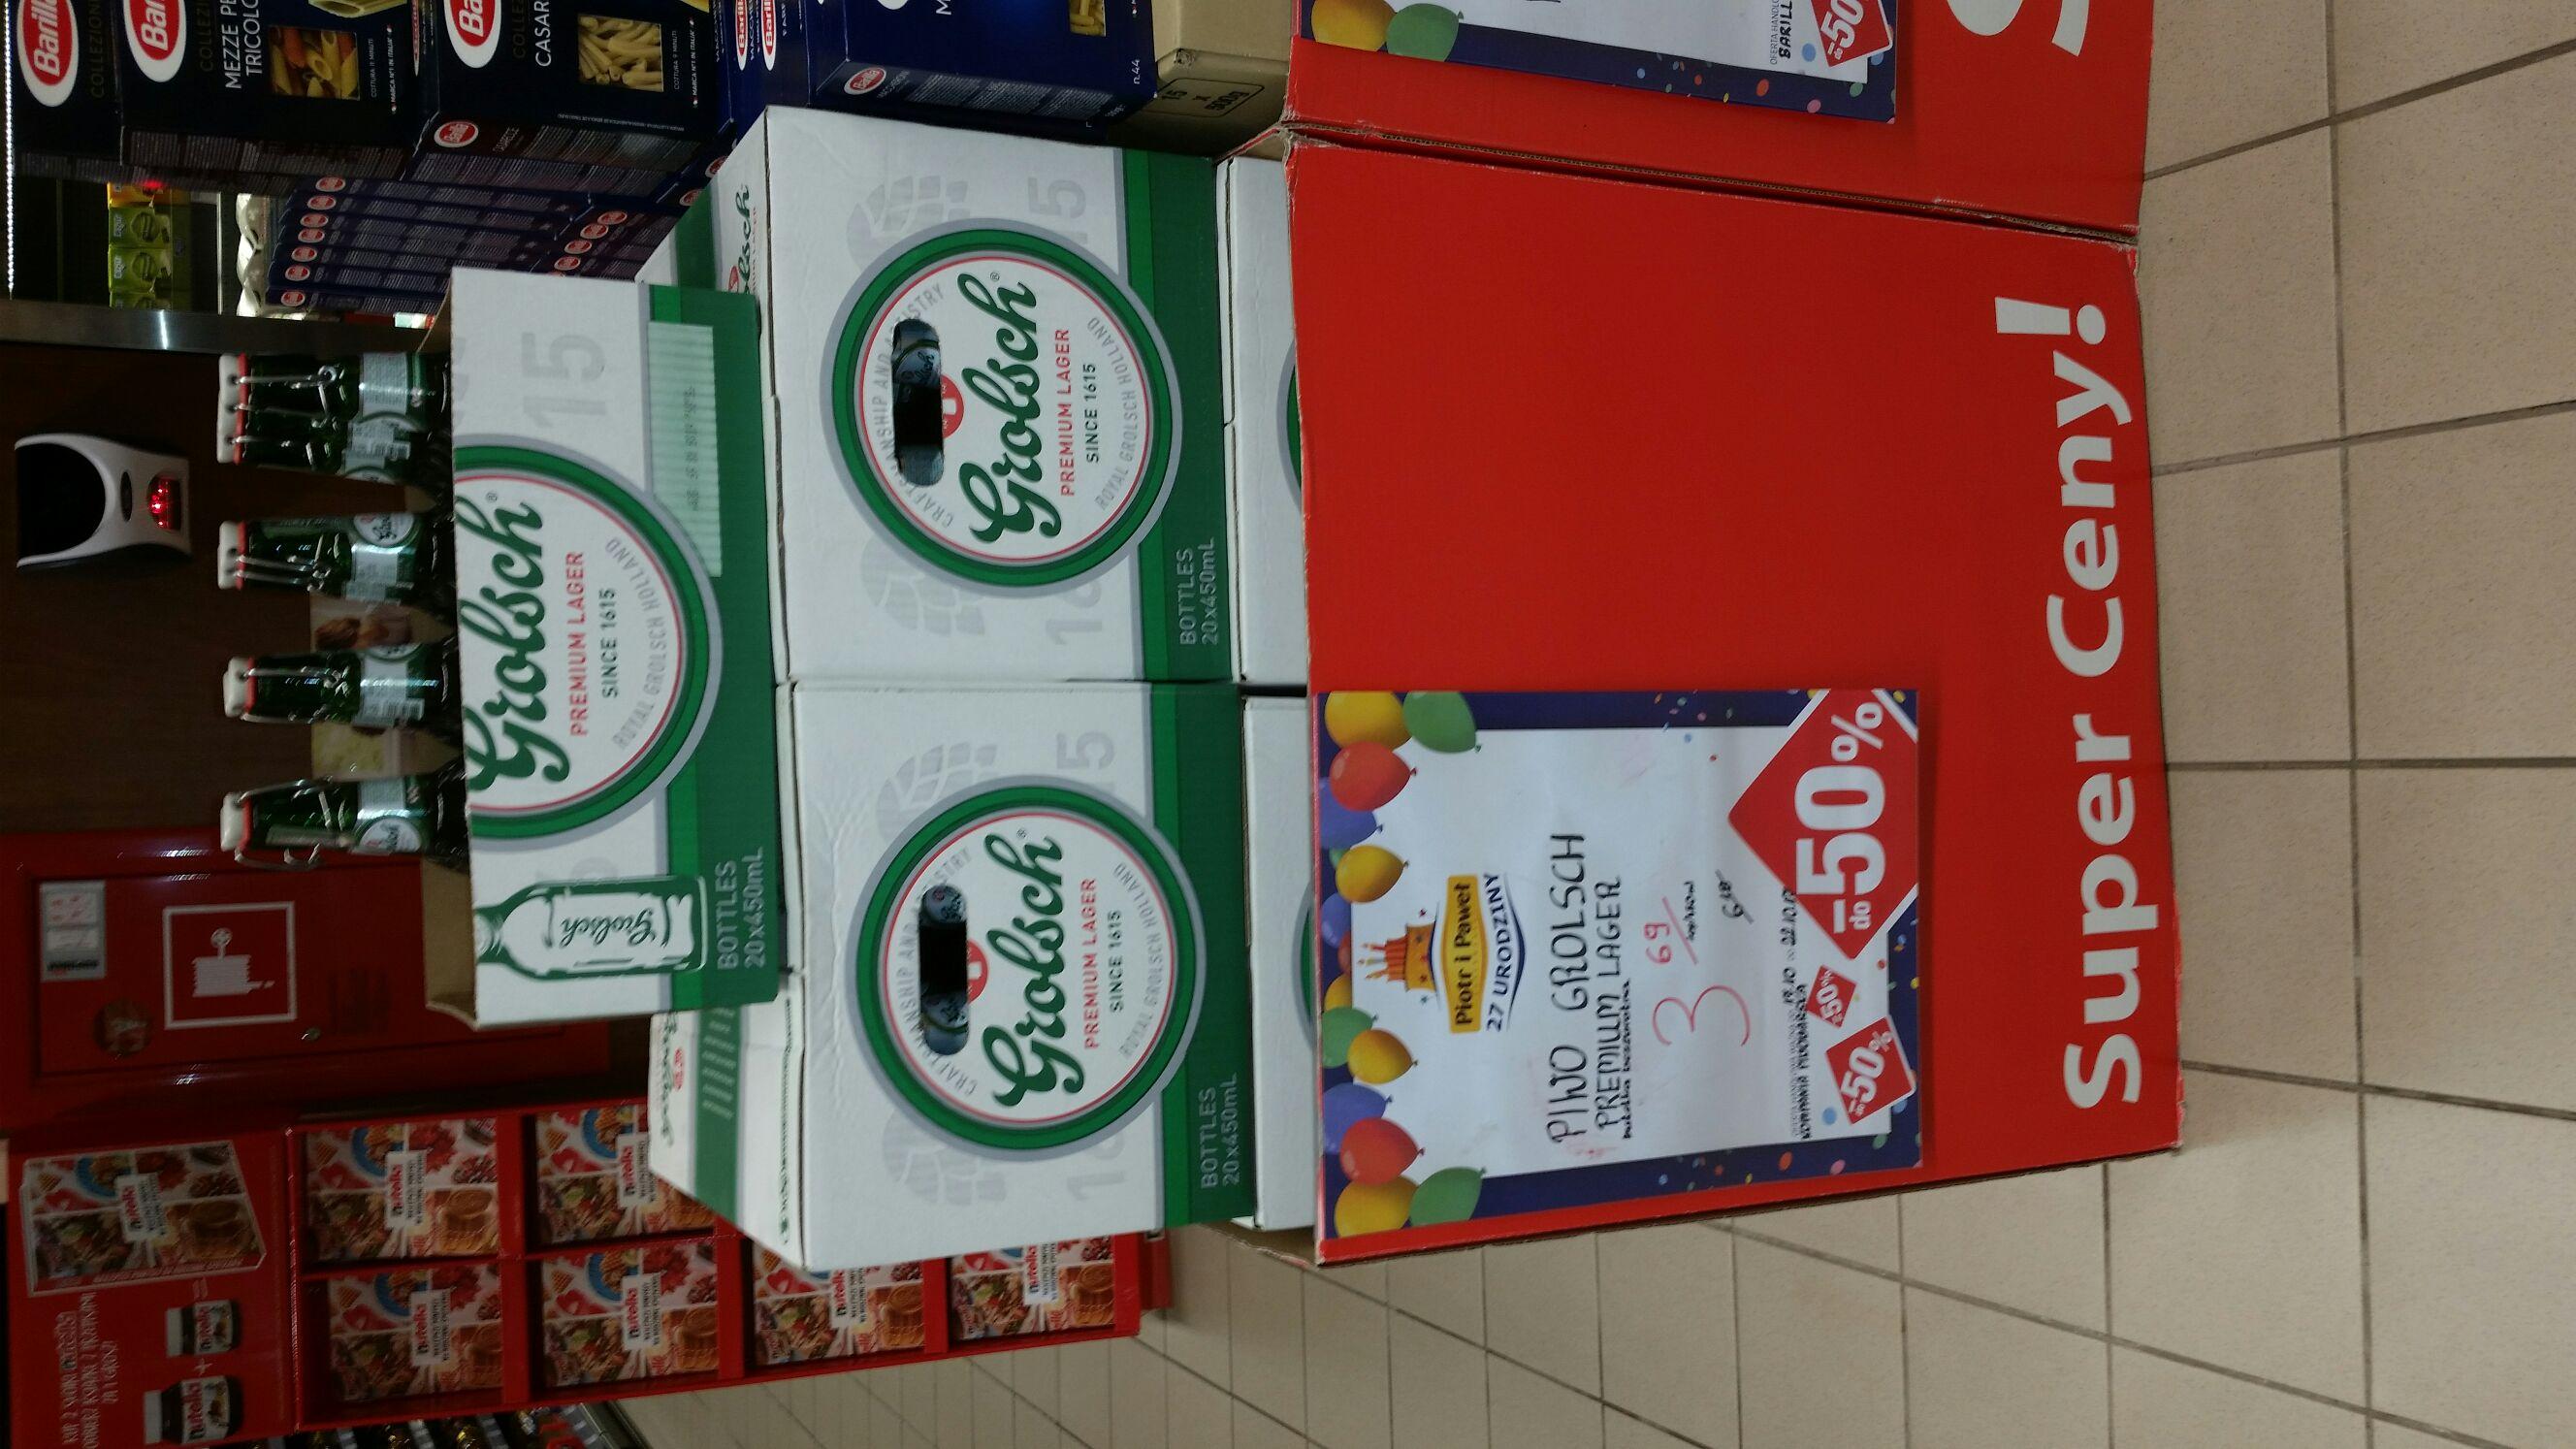 Piwo Grolsch Premium Lager 450 ml w cenie 3.69 zł w sklepie Piotr i Paweł